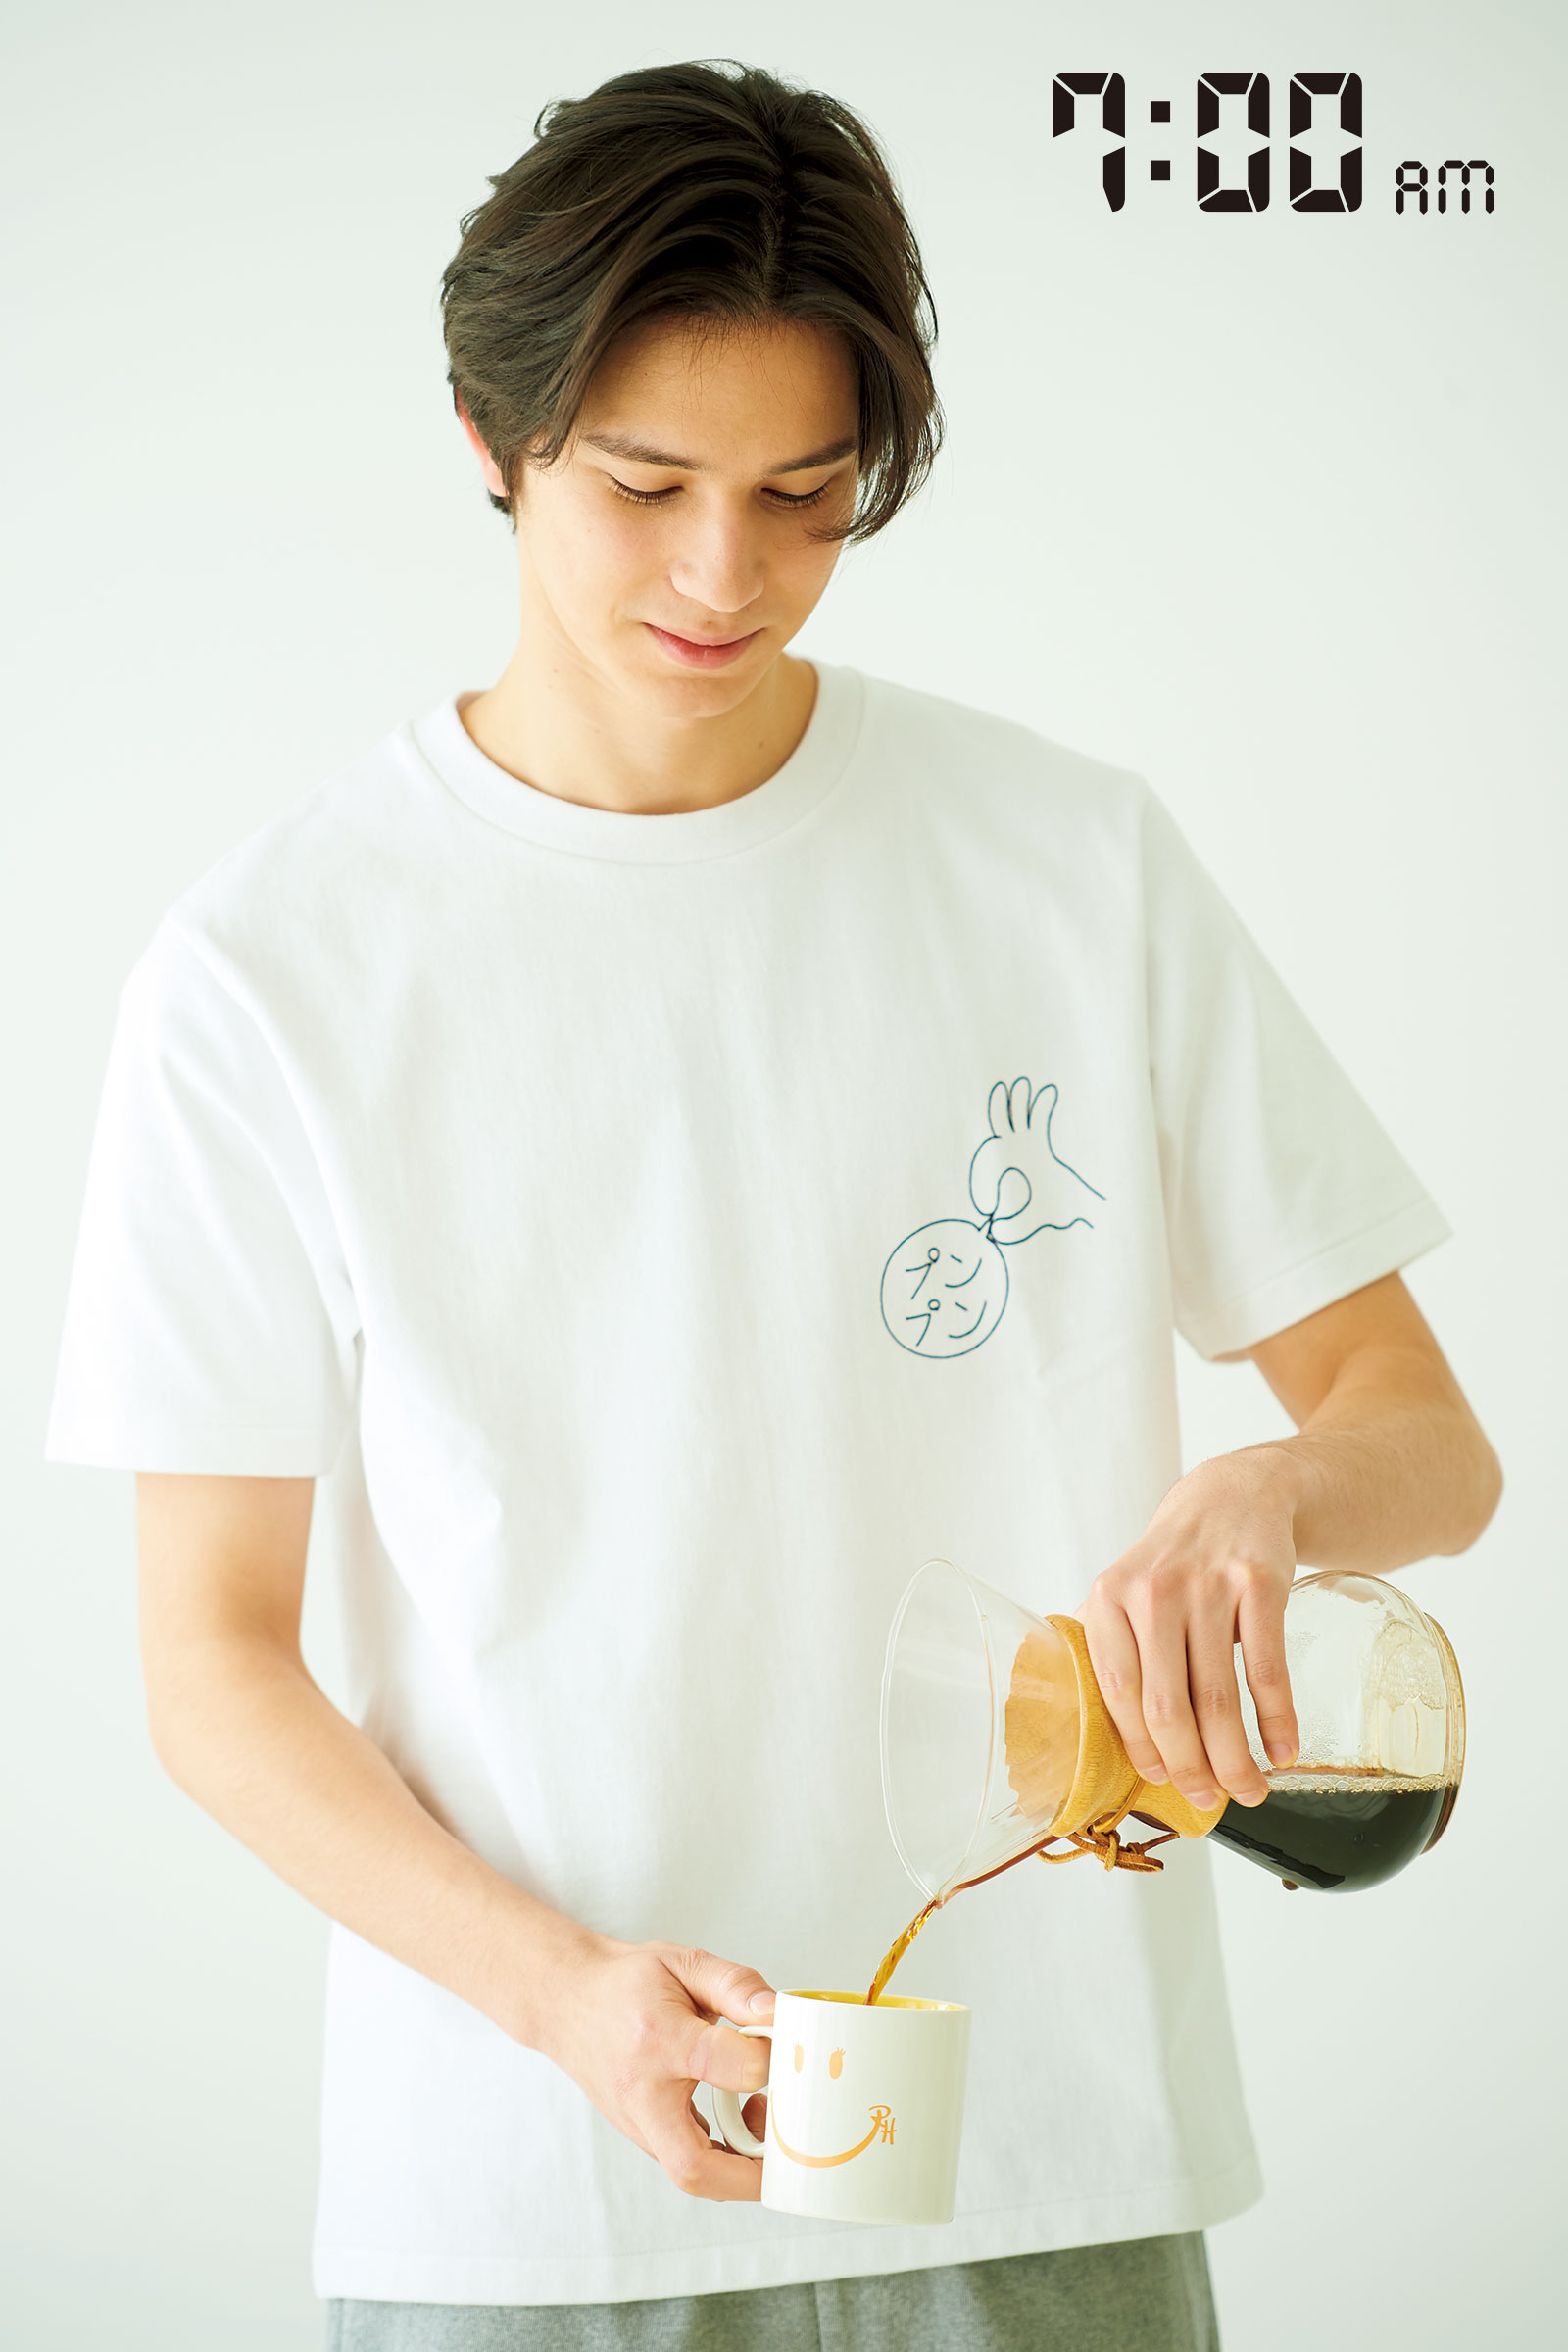 1杯のコーヒーでカラダを覚醒。